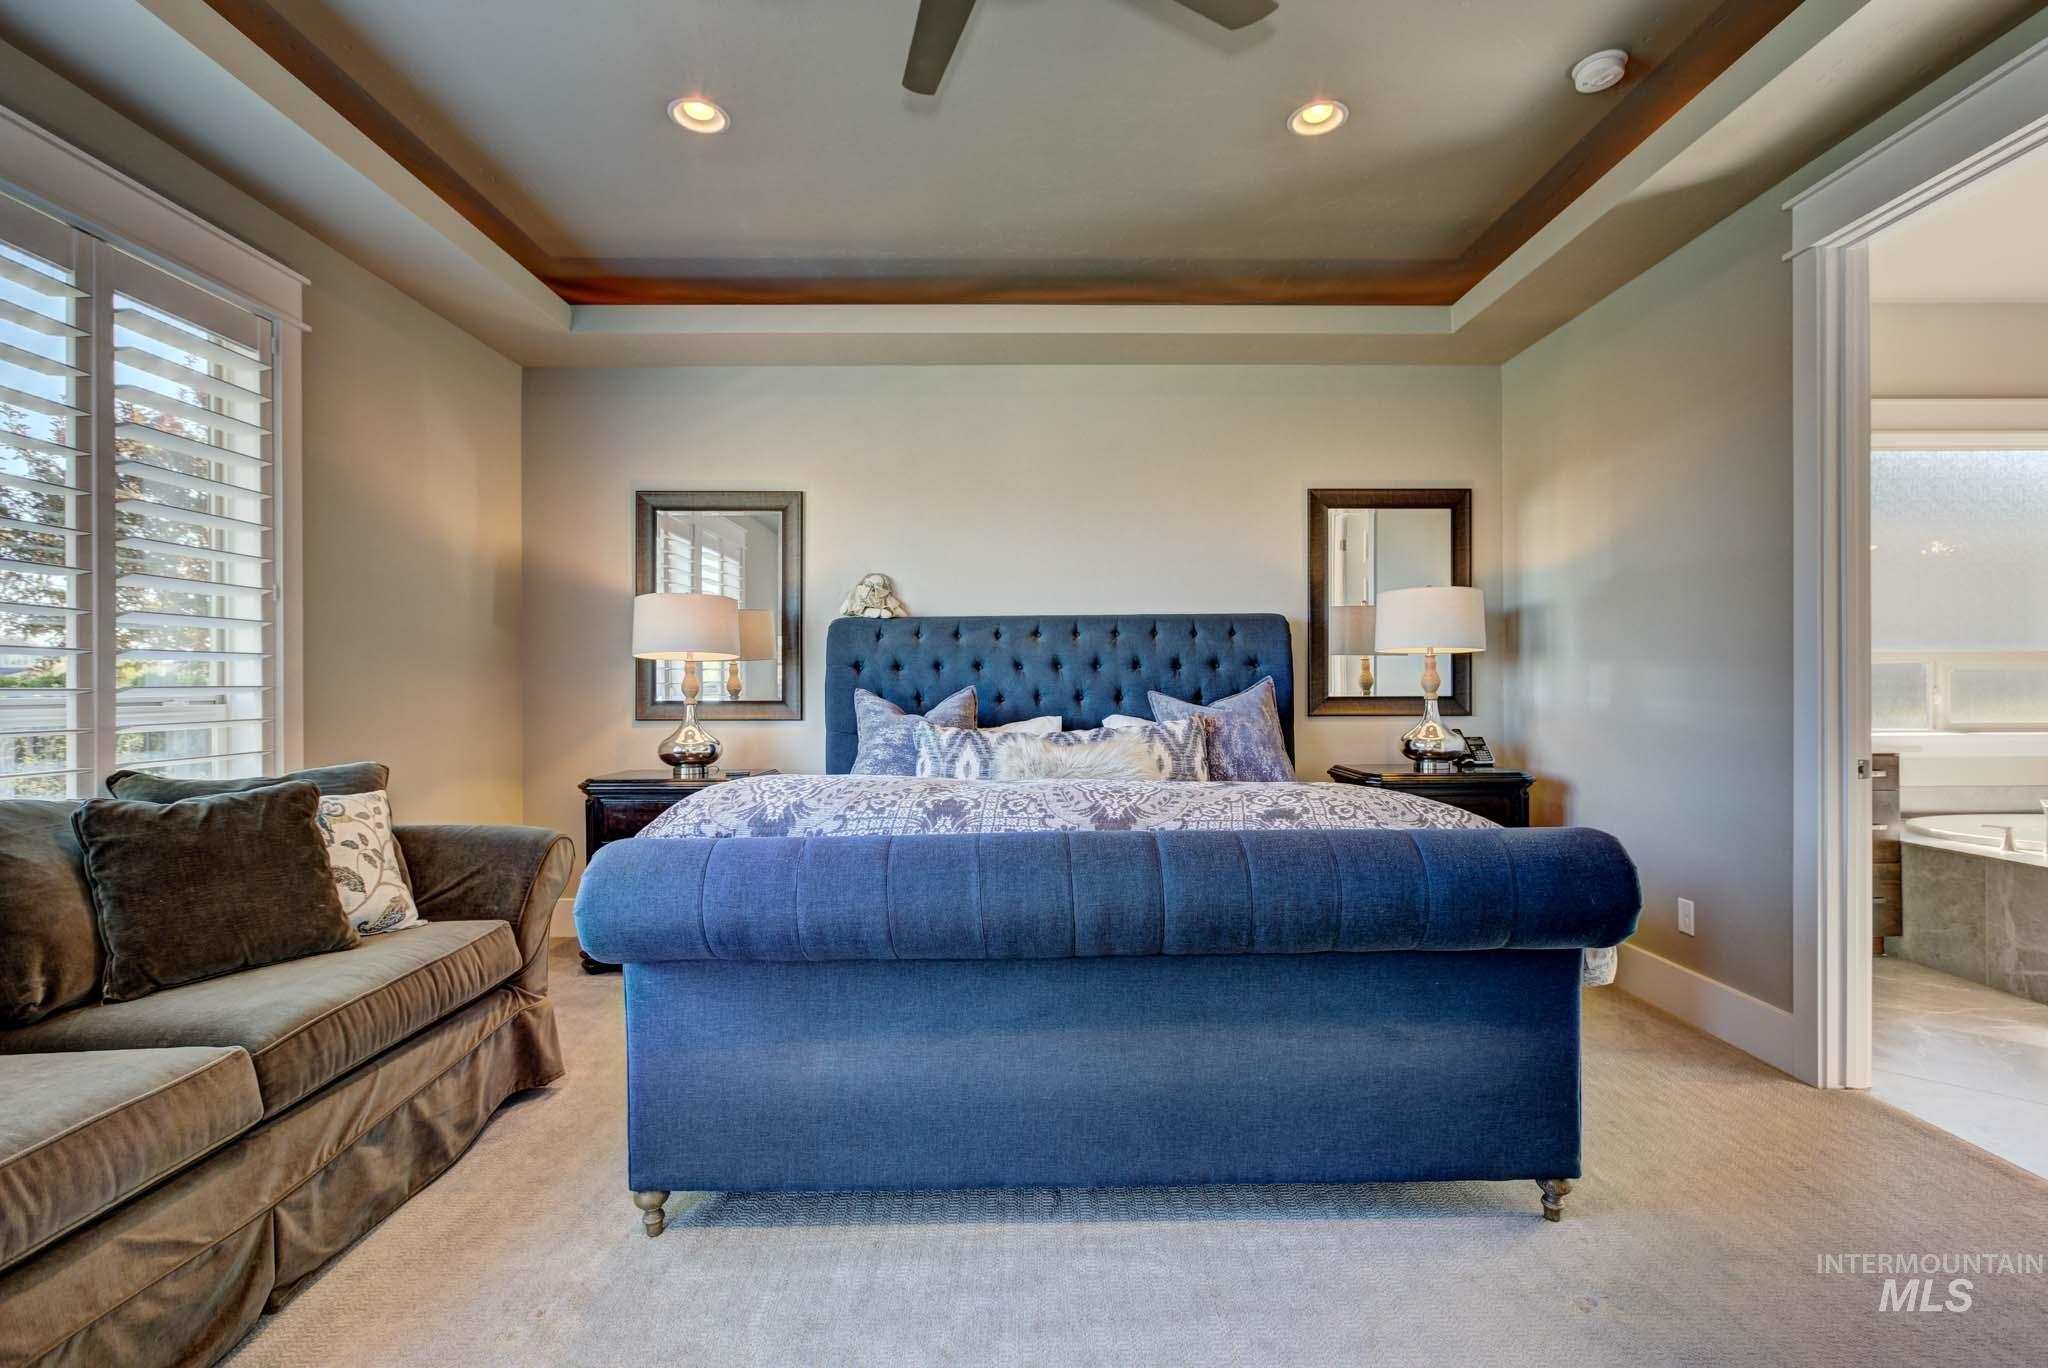 592 S Barkvine Way Property Photo 27